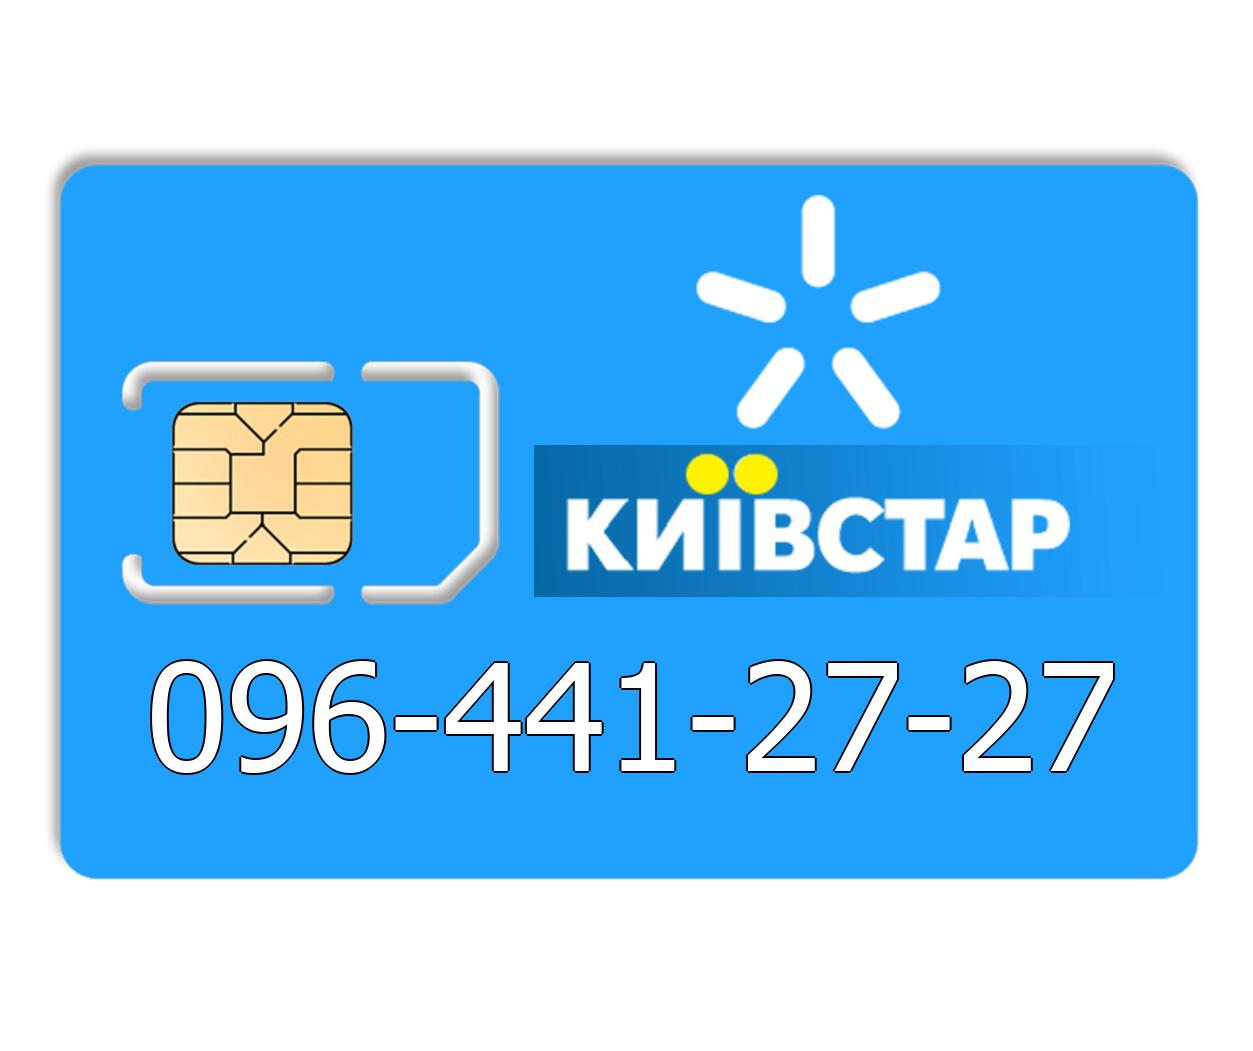 Красивый номер Киевстар 096-441-27-27